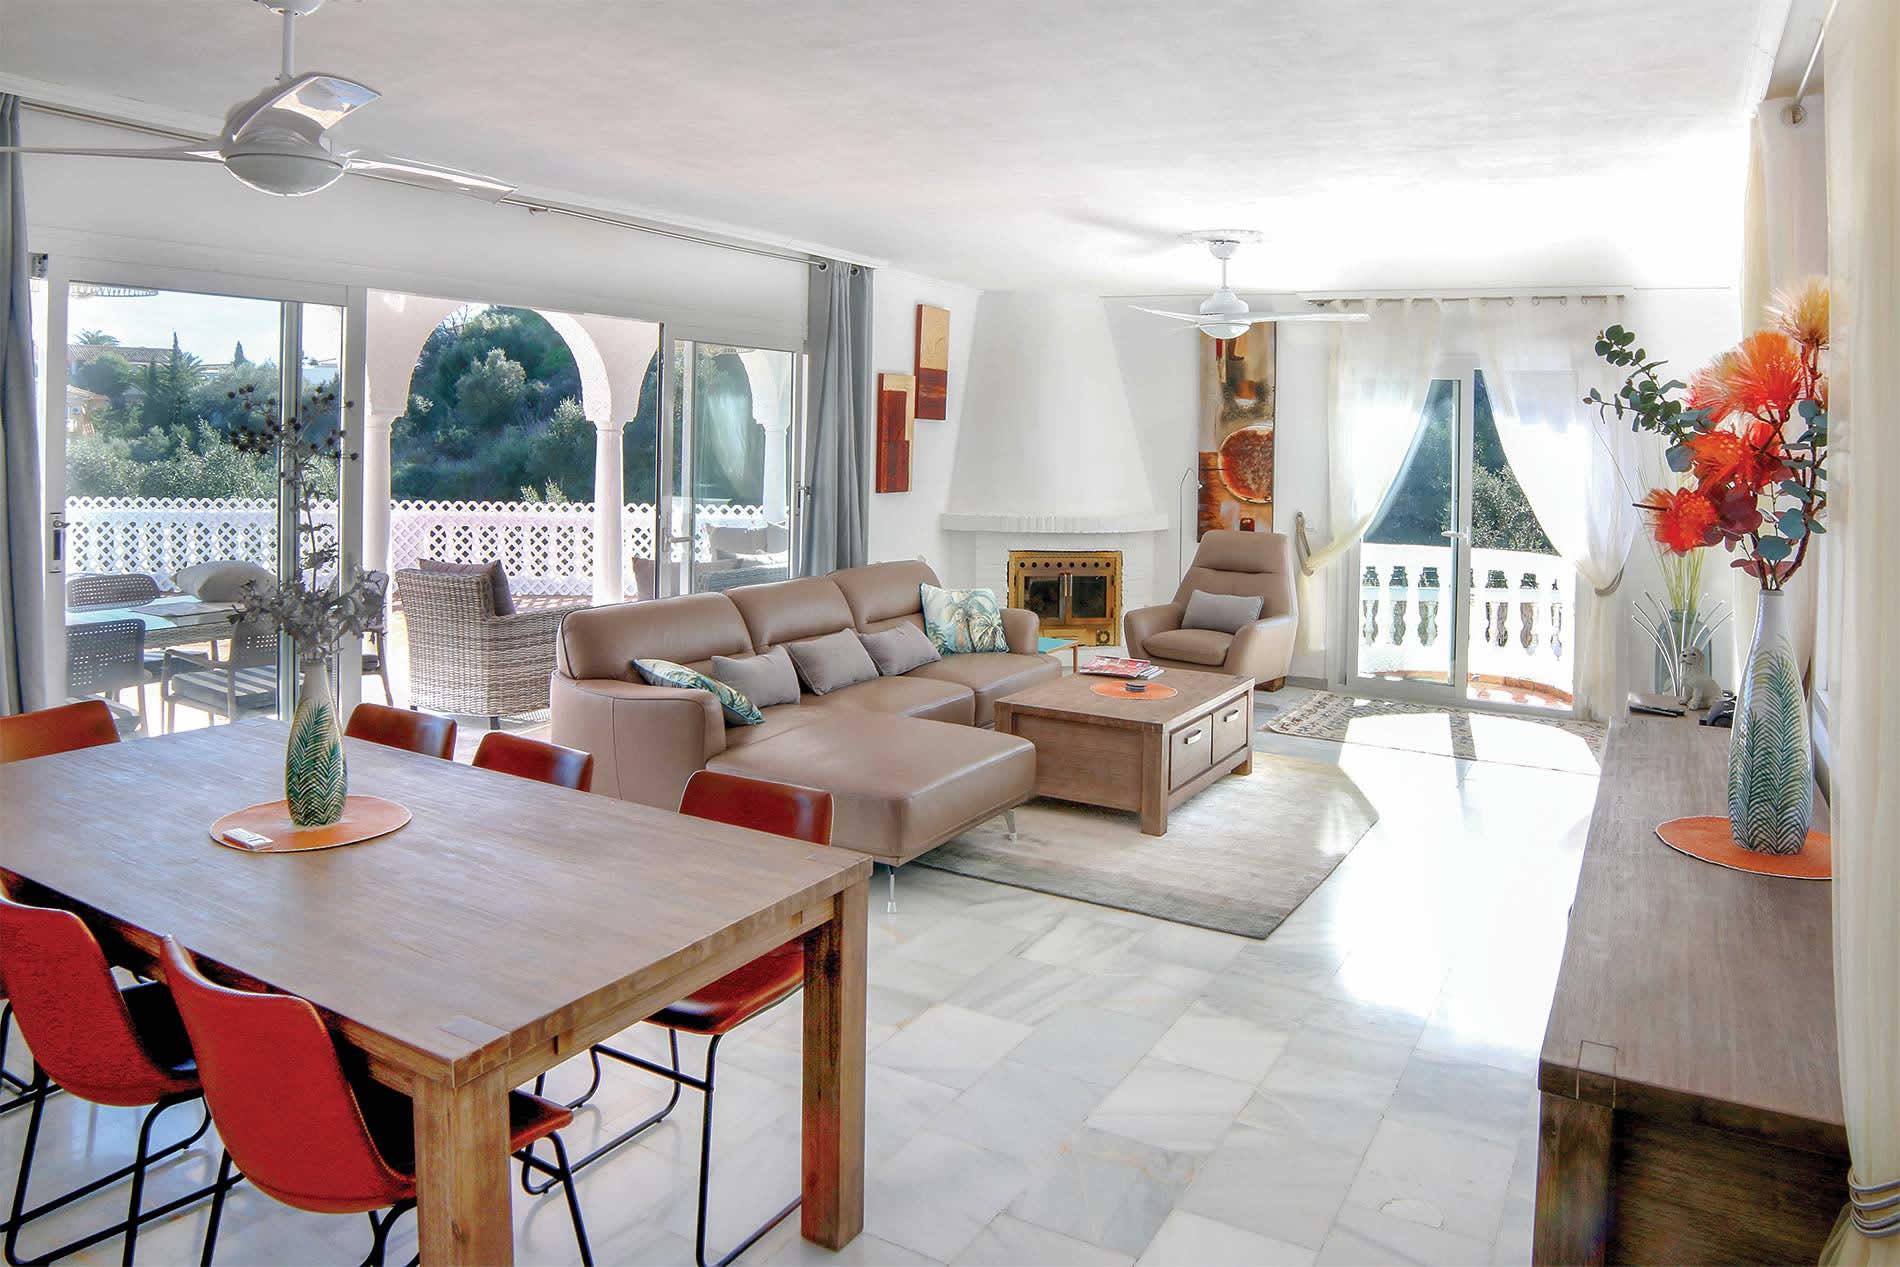 Villa Chimango in Fuengirola - sleeps 6 people